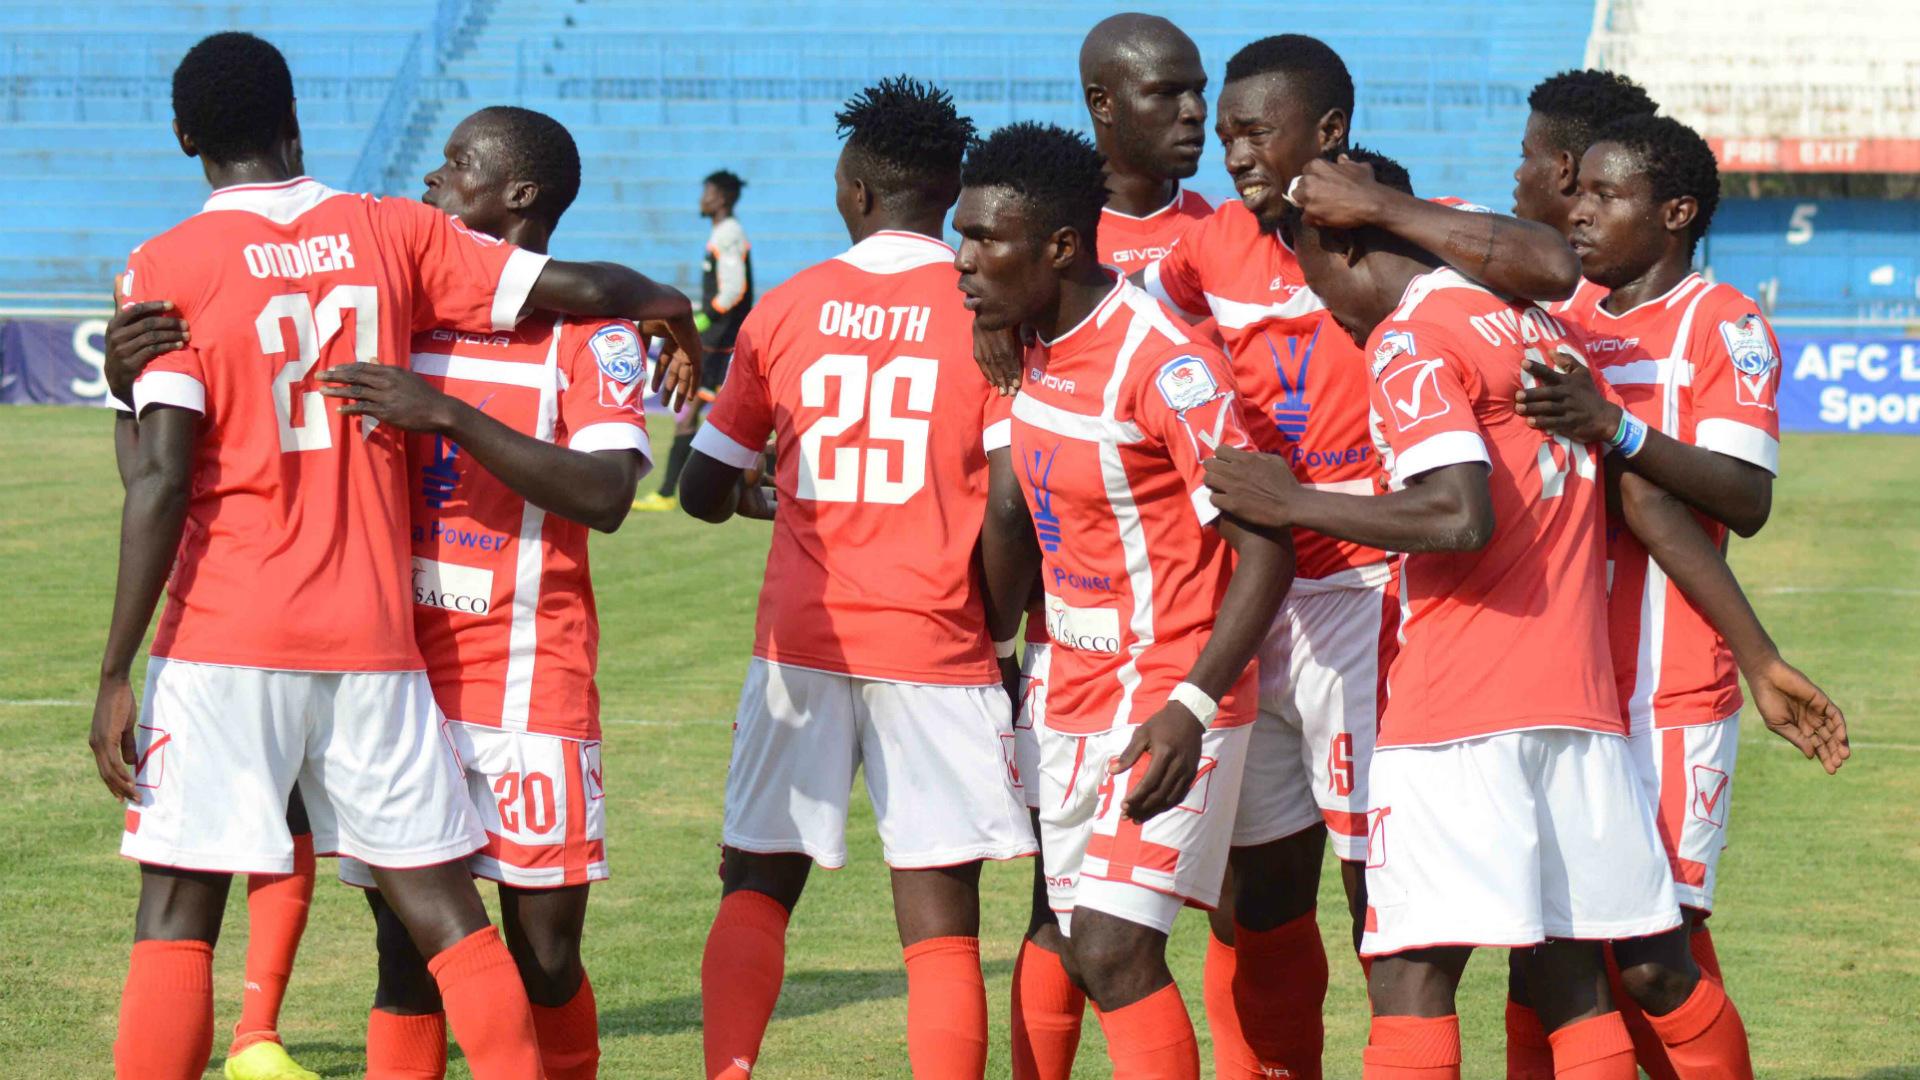 Western stima v AFC Leopards